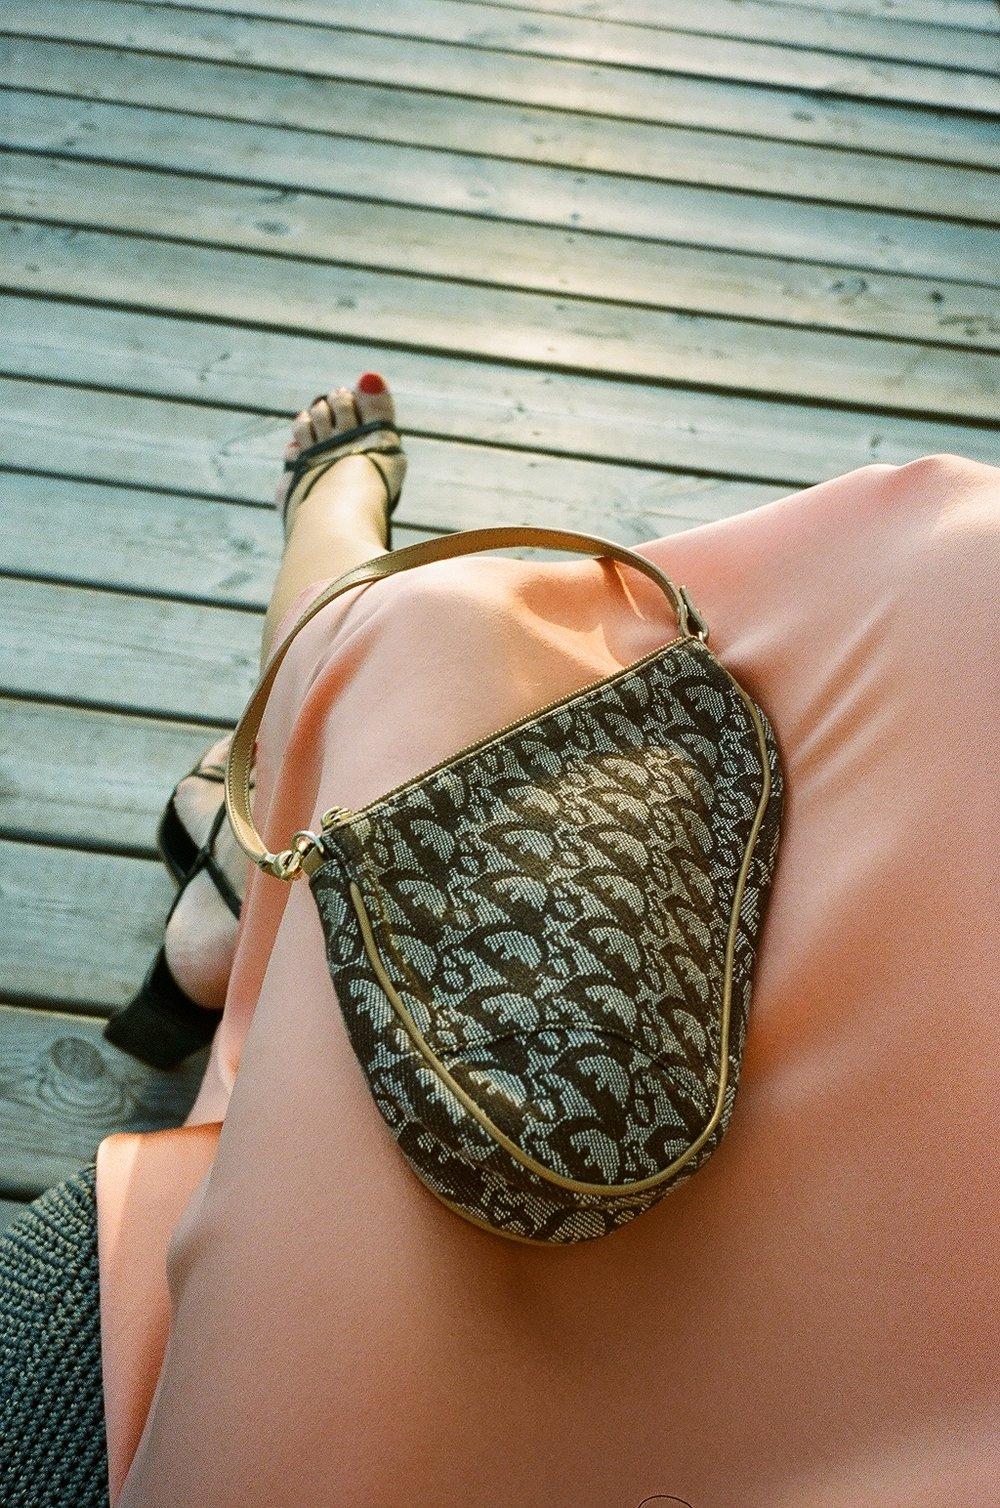 details of dior bag.JPG